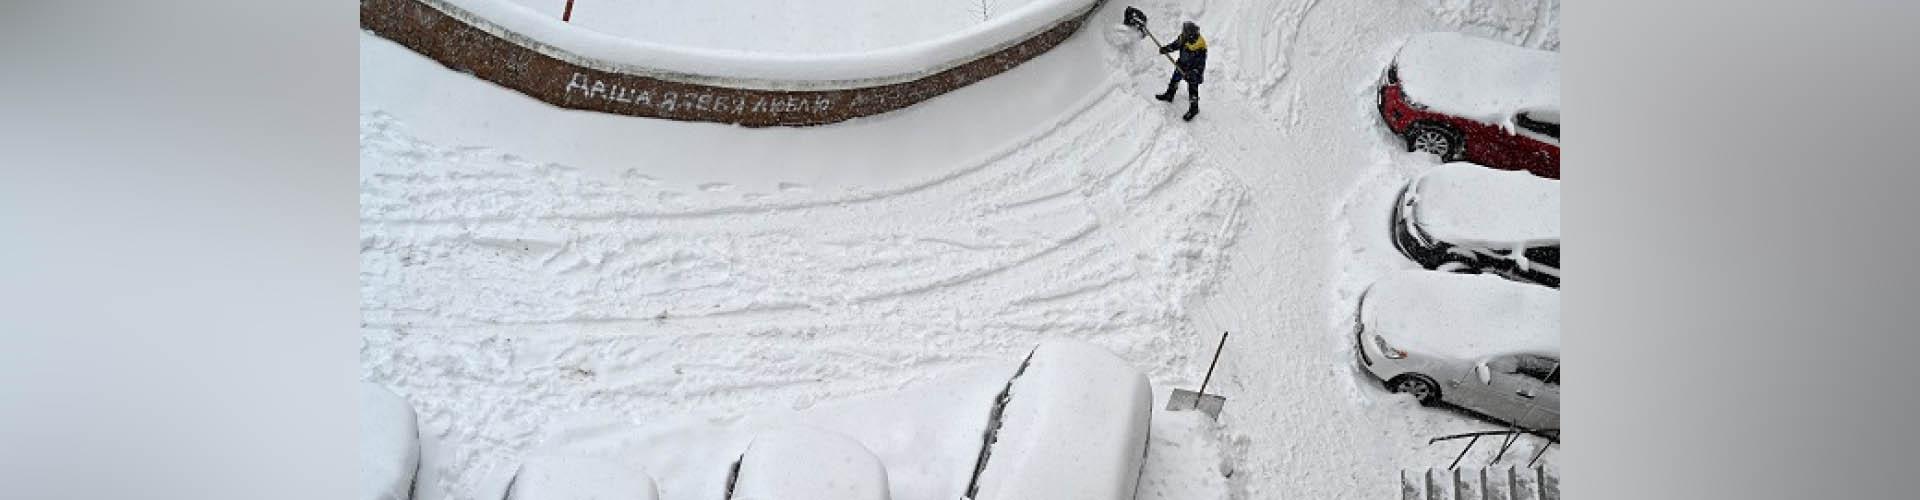 Dijo que había matado a su padrastro solo para que quitaran la nieve del camino que lleva a su casa